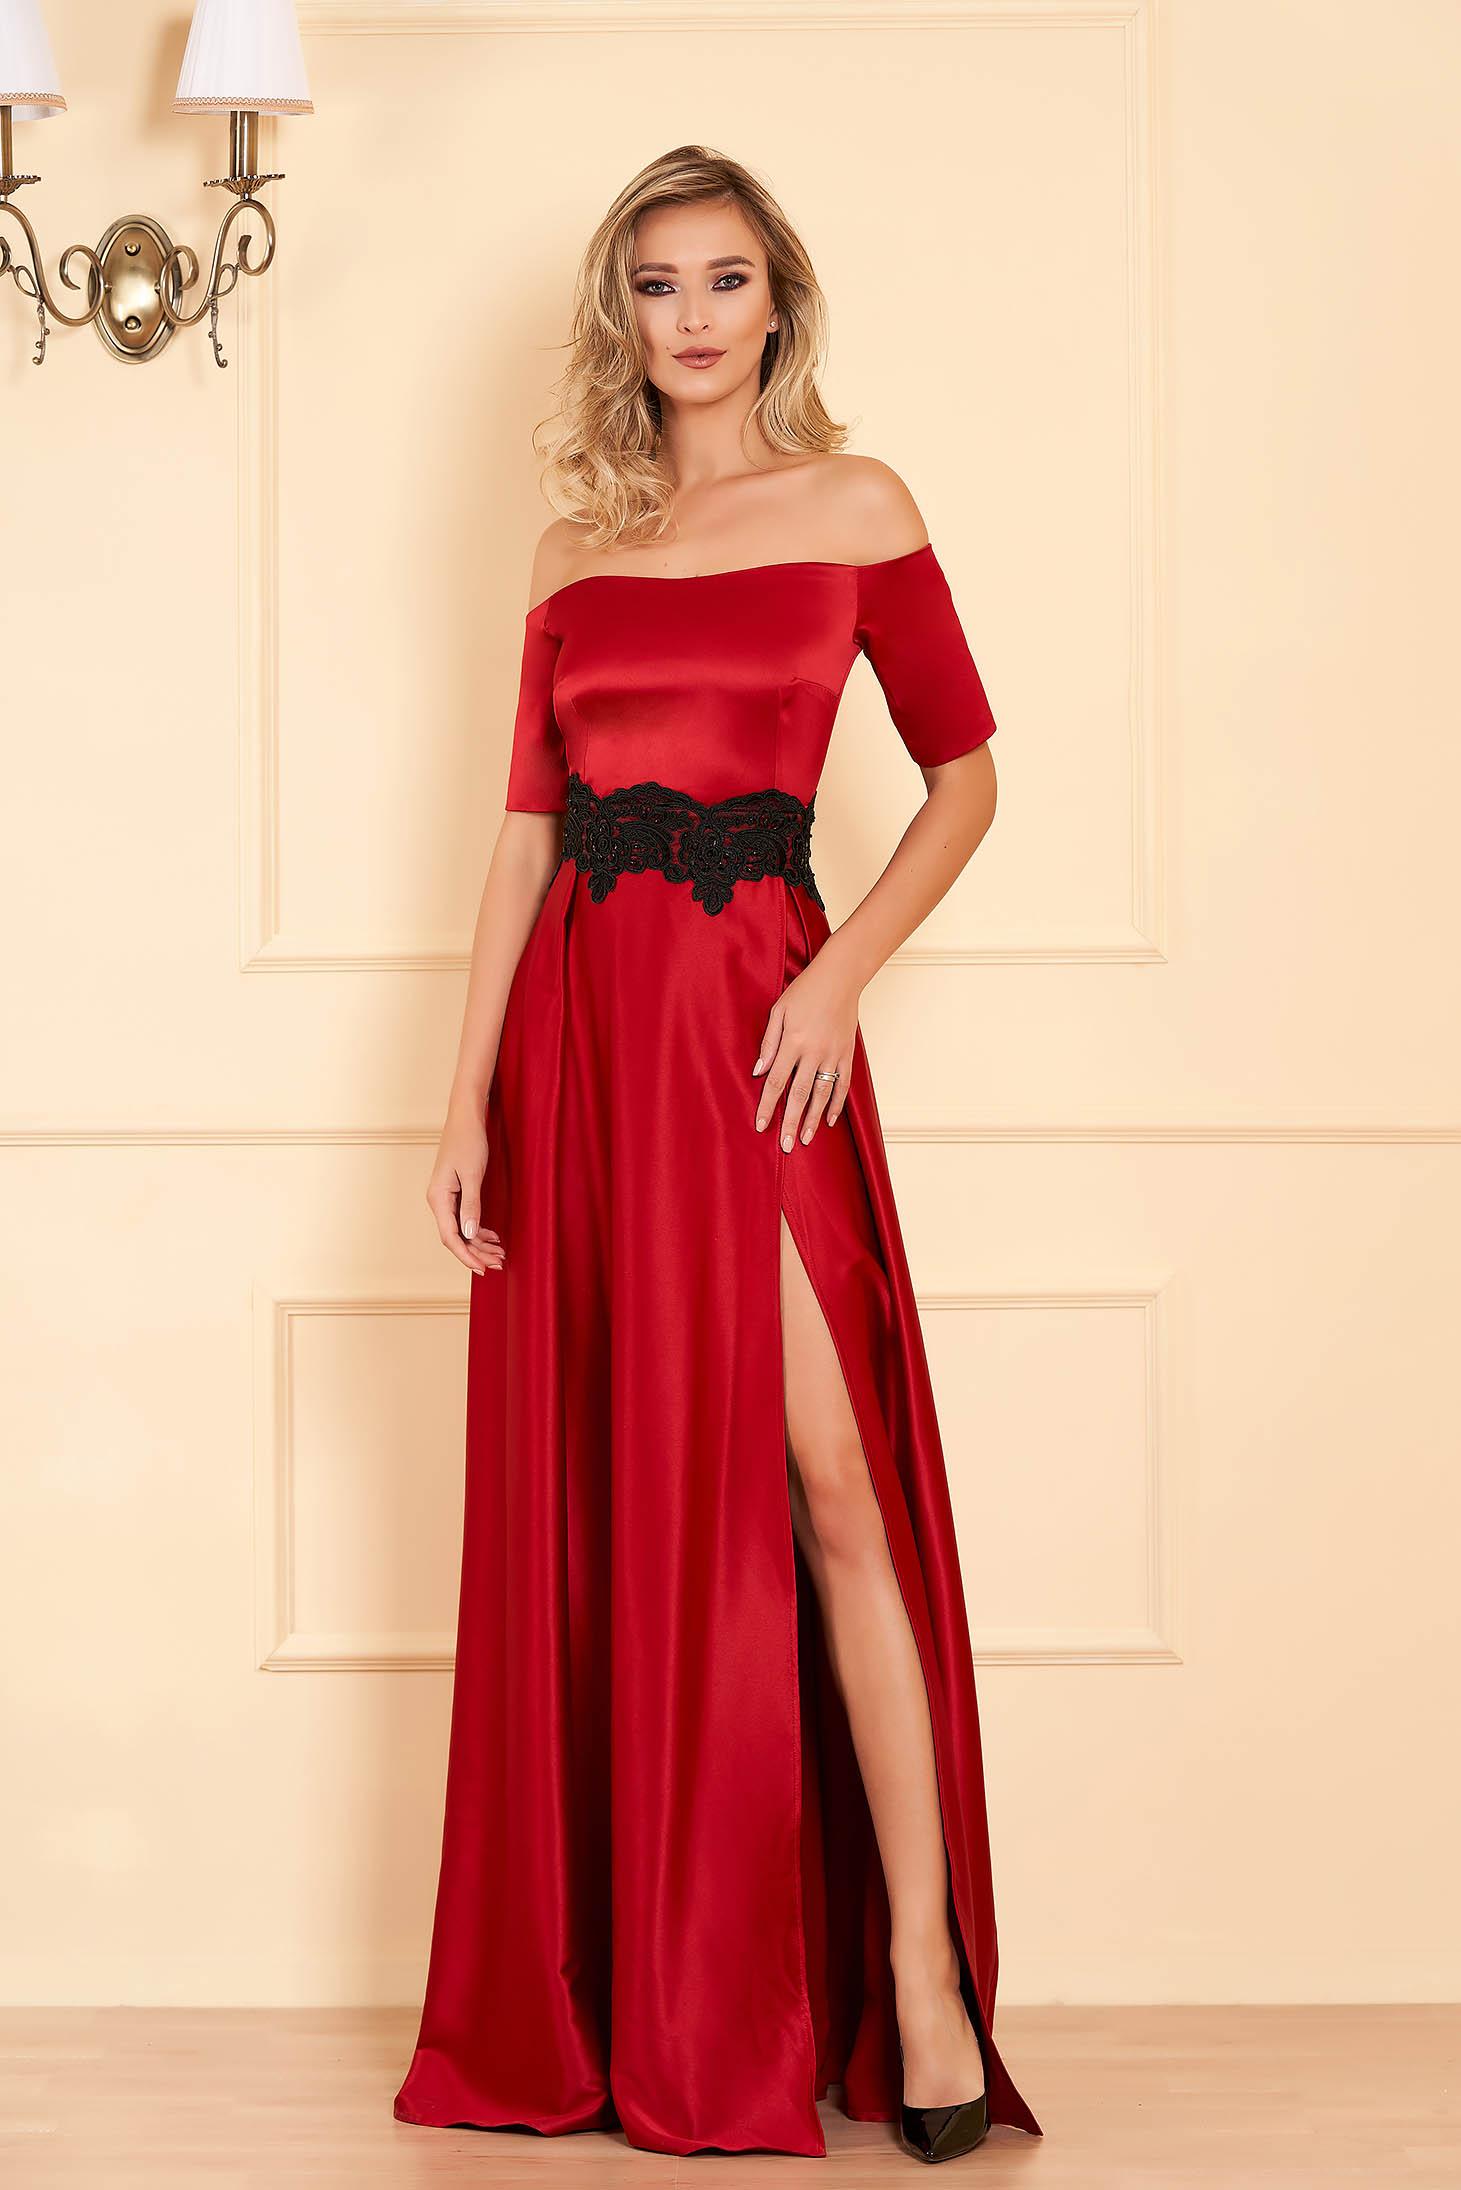 Alkalmi burgundy ruha szatén anyagból hímzett betétekkel